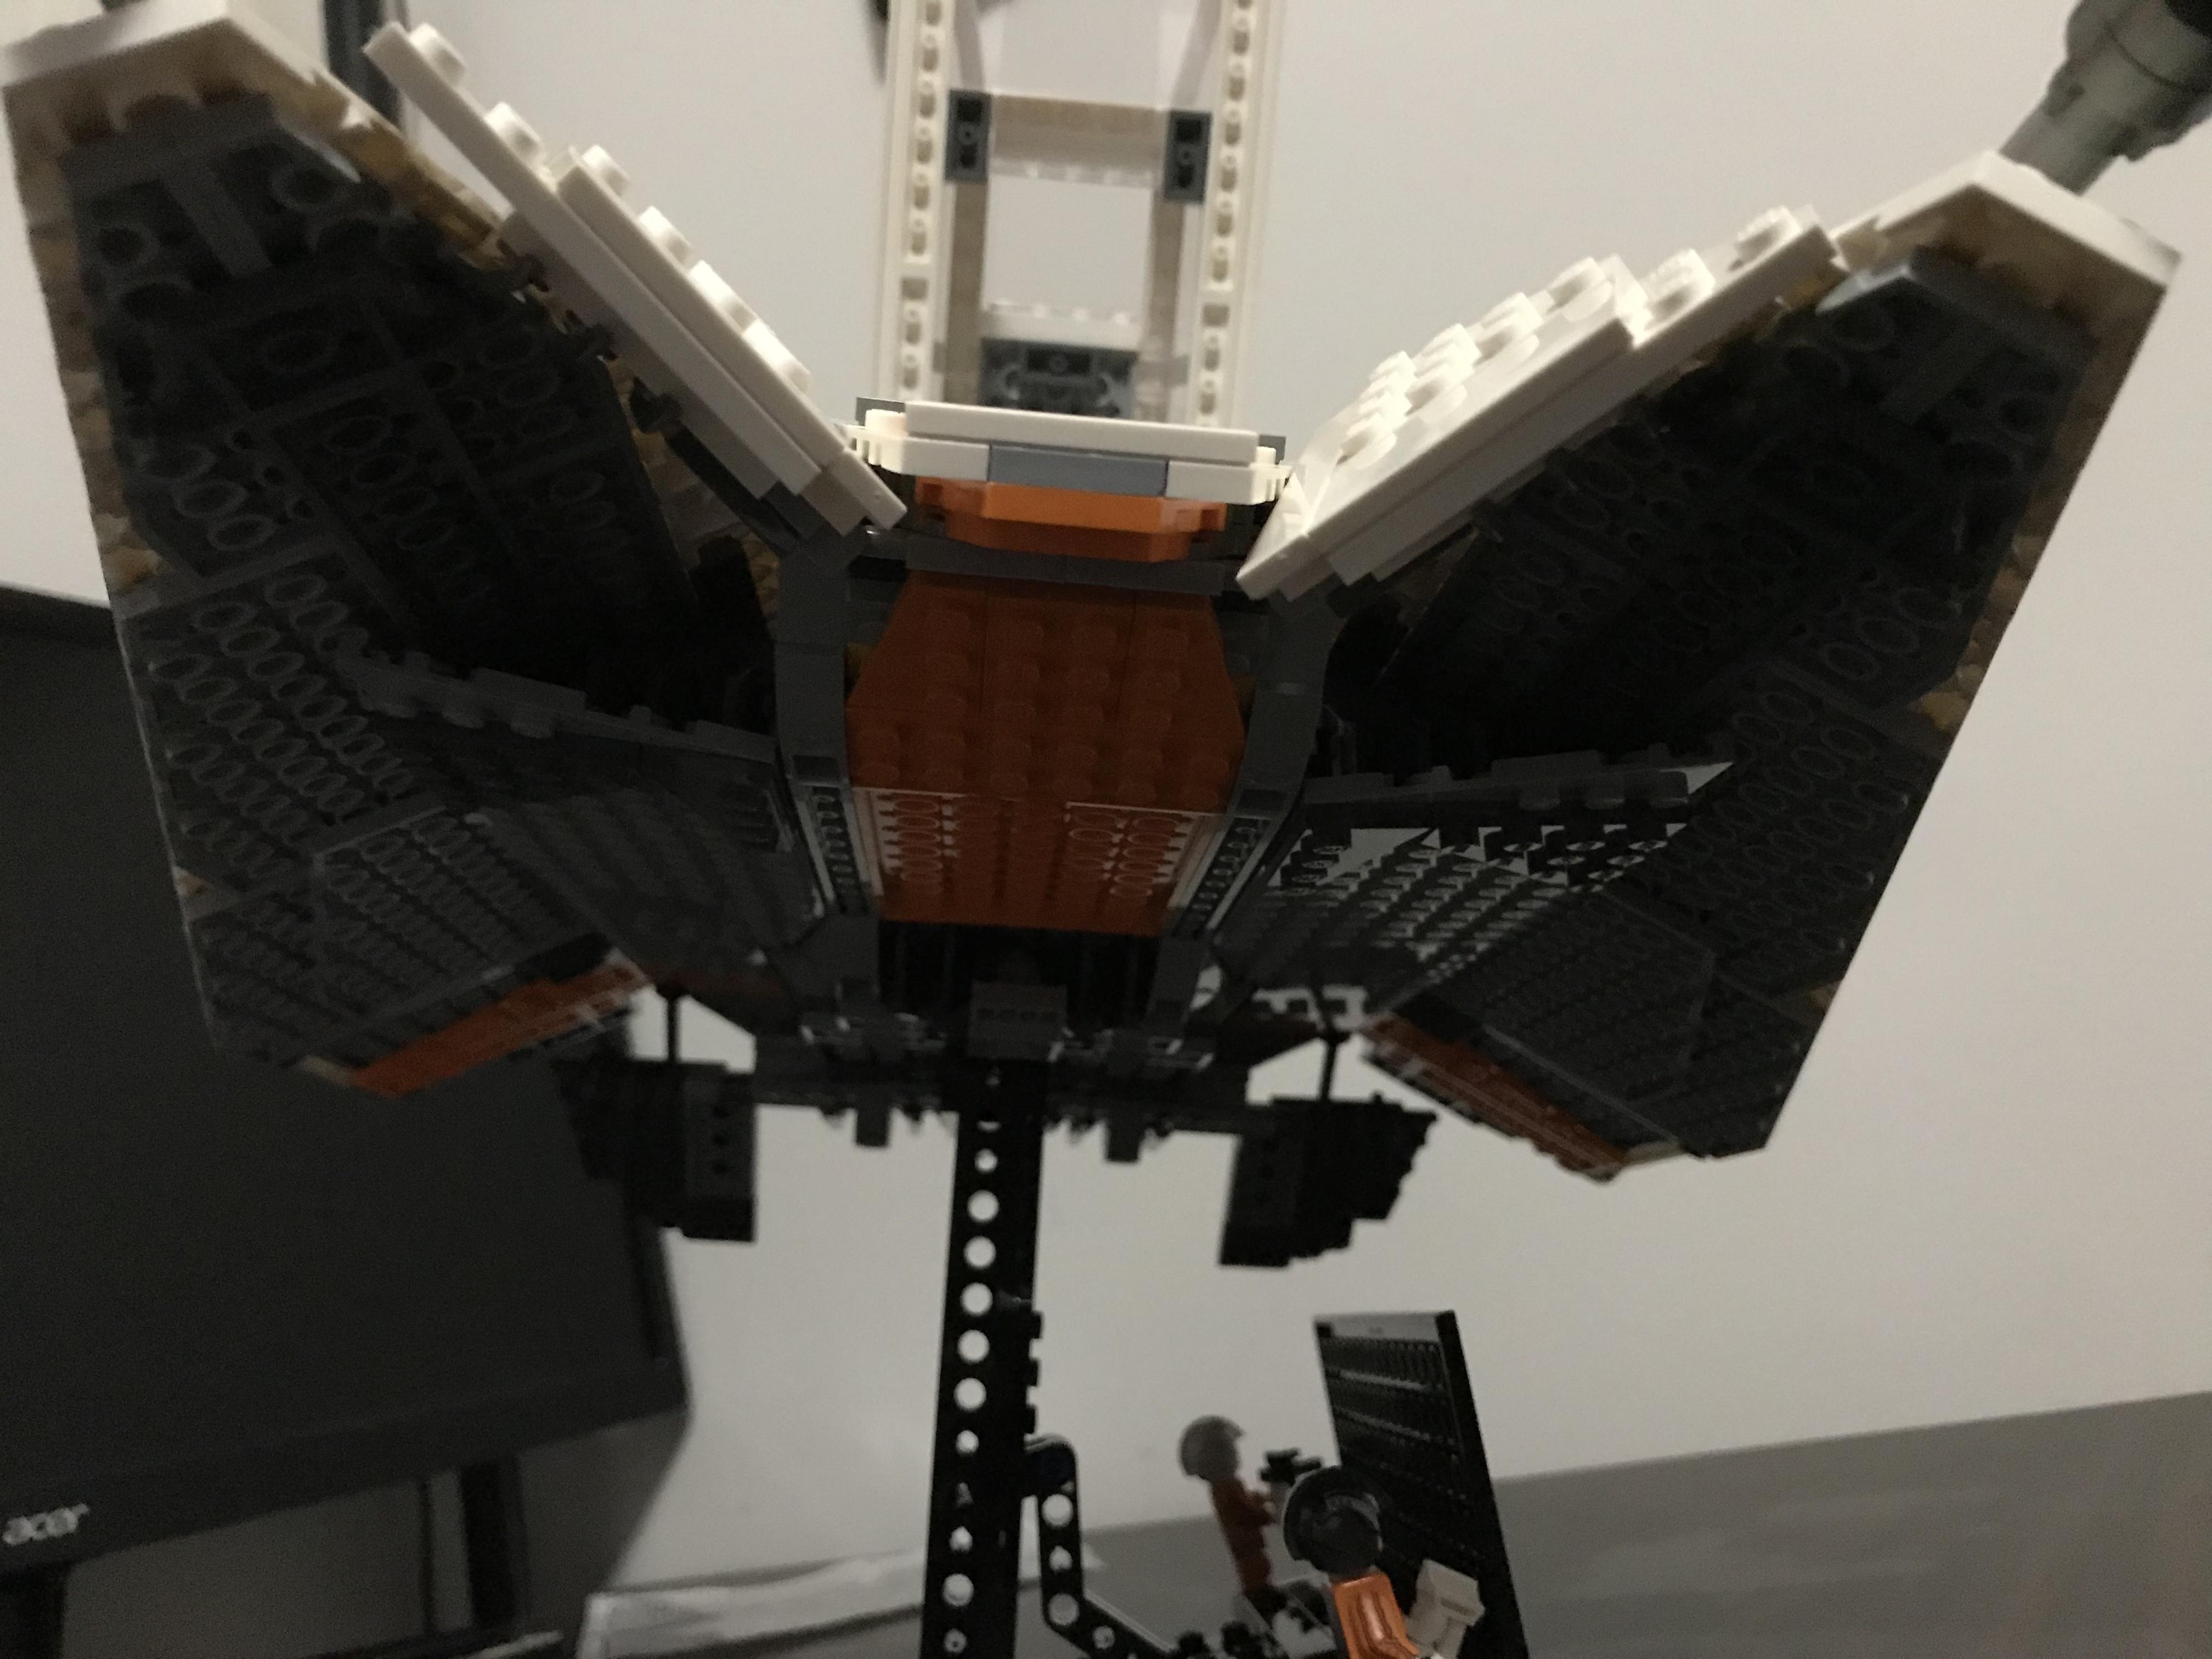 Geekzone Lego Forum Briques Qui PassionLes RespectentBlabla Se 5Rjq4L3A